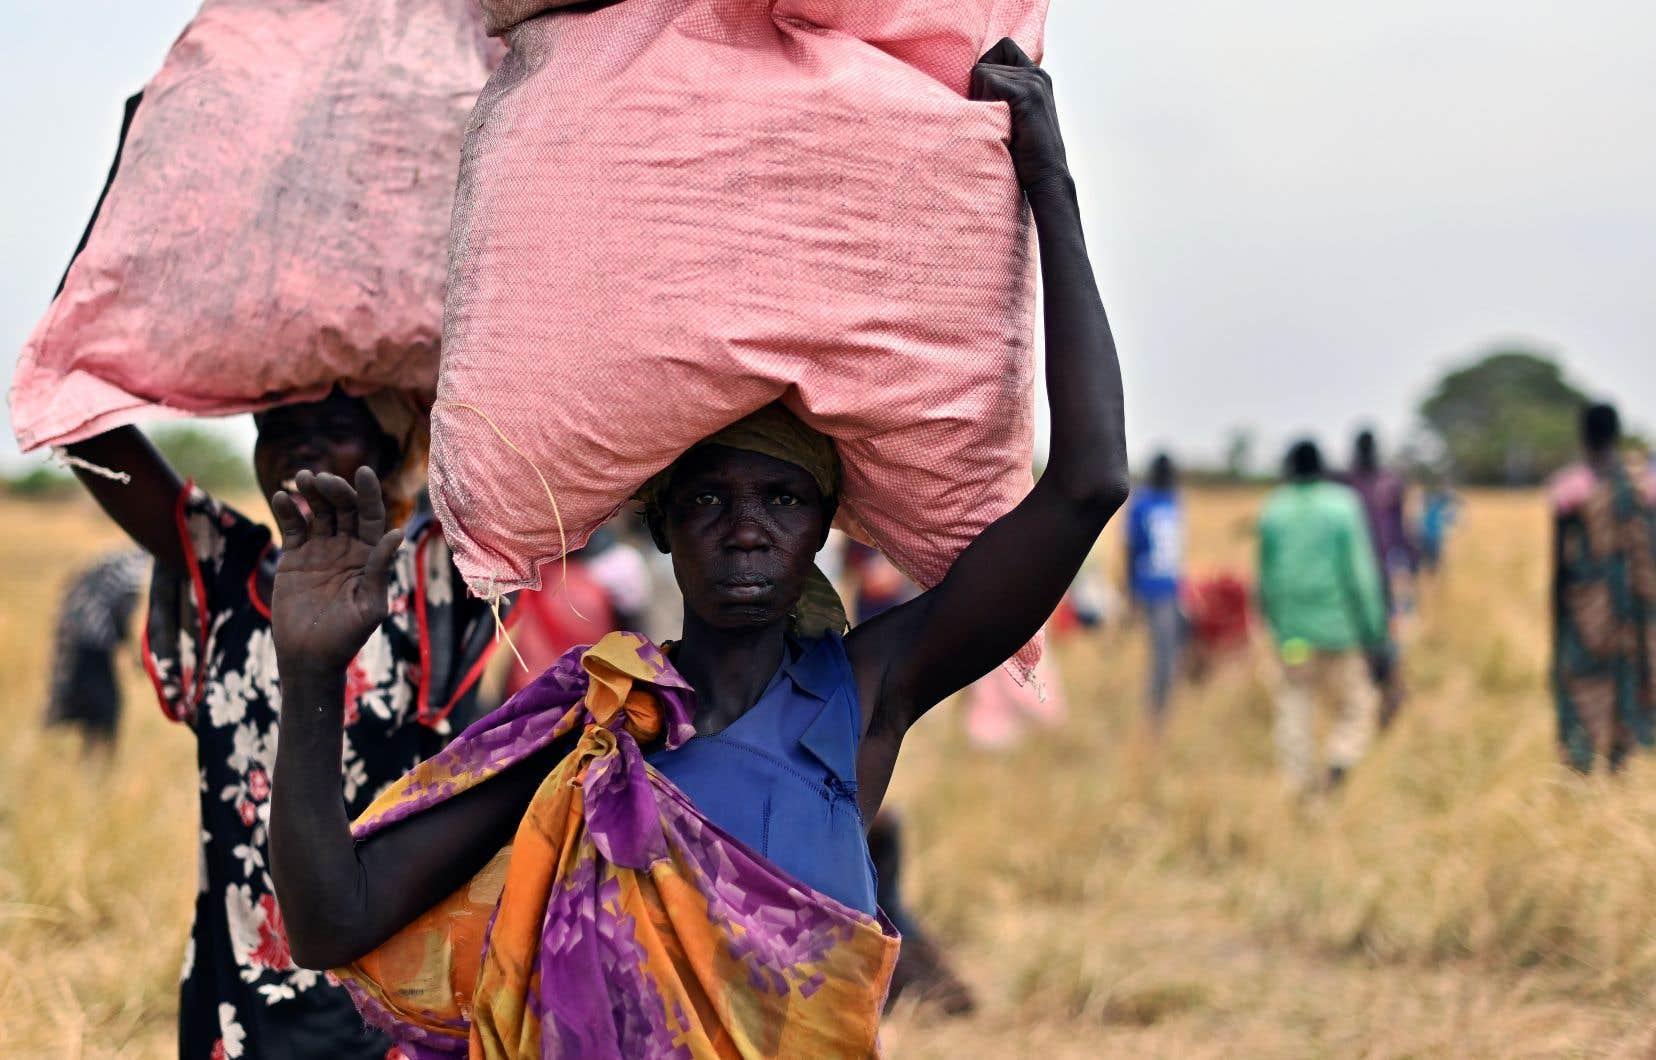 Le nombre de personnes au bord de la famine a nettement augmenté en 2019, passant de 113 à 135millions de personnes, en raison des conflits, des problèmes climatiques et des chocs économiques.